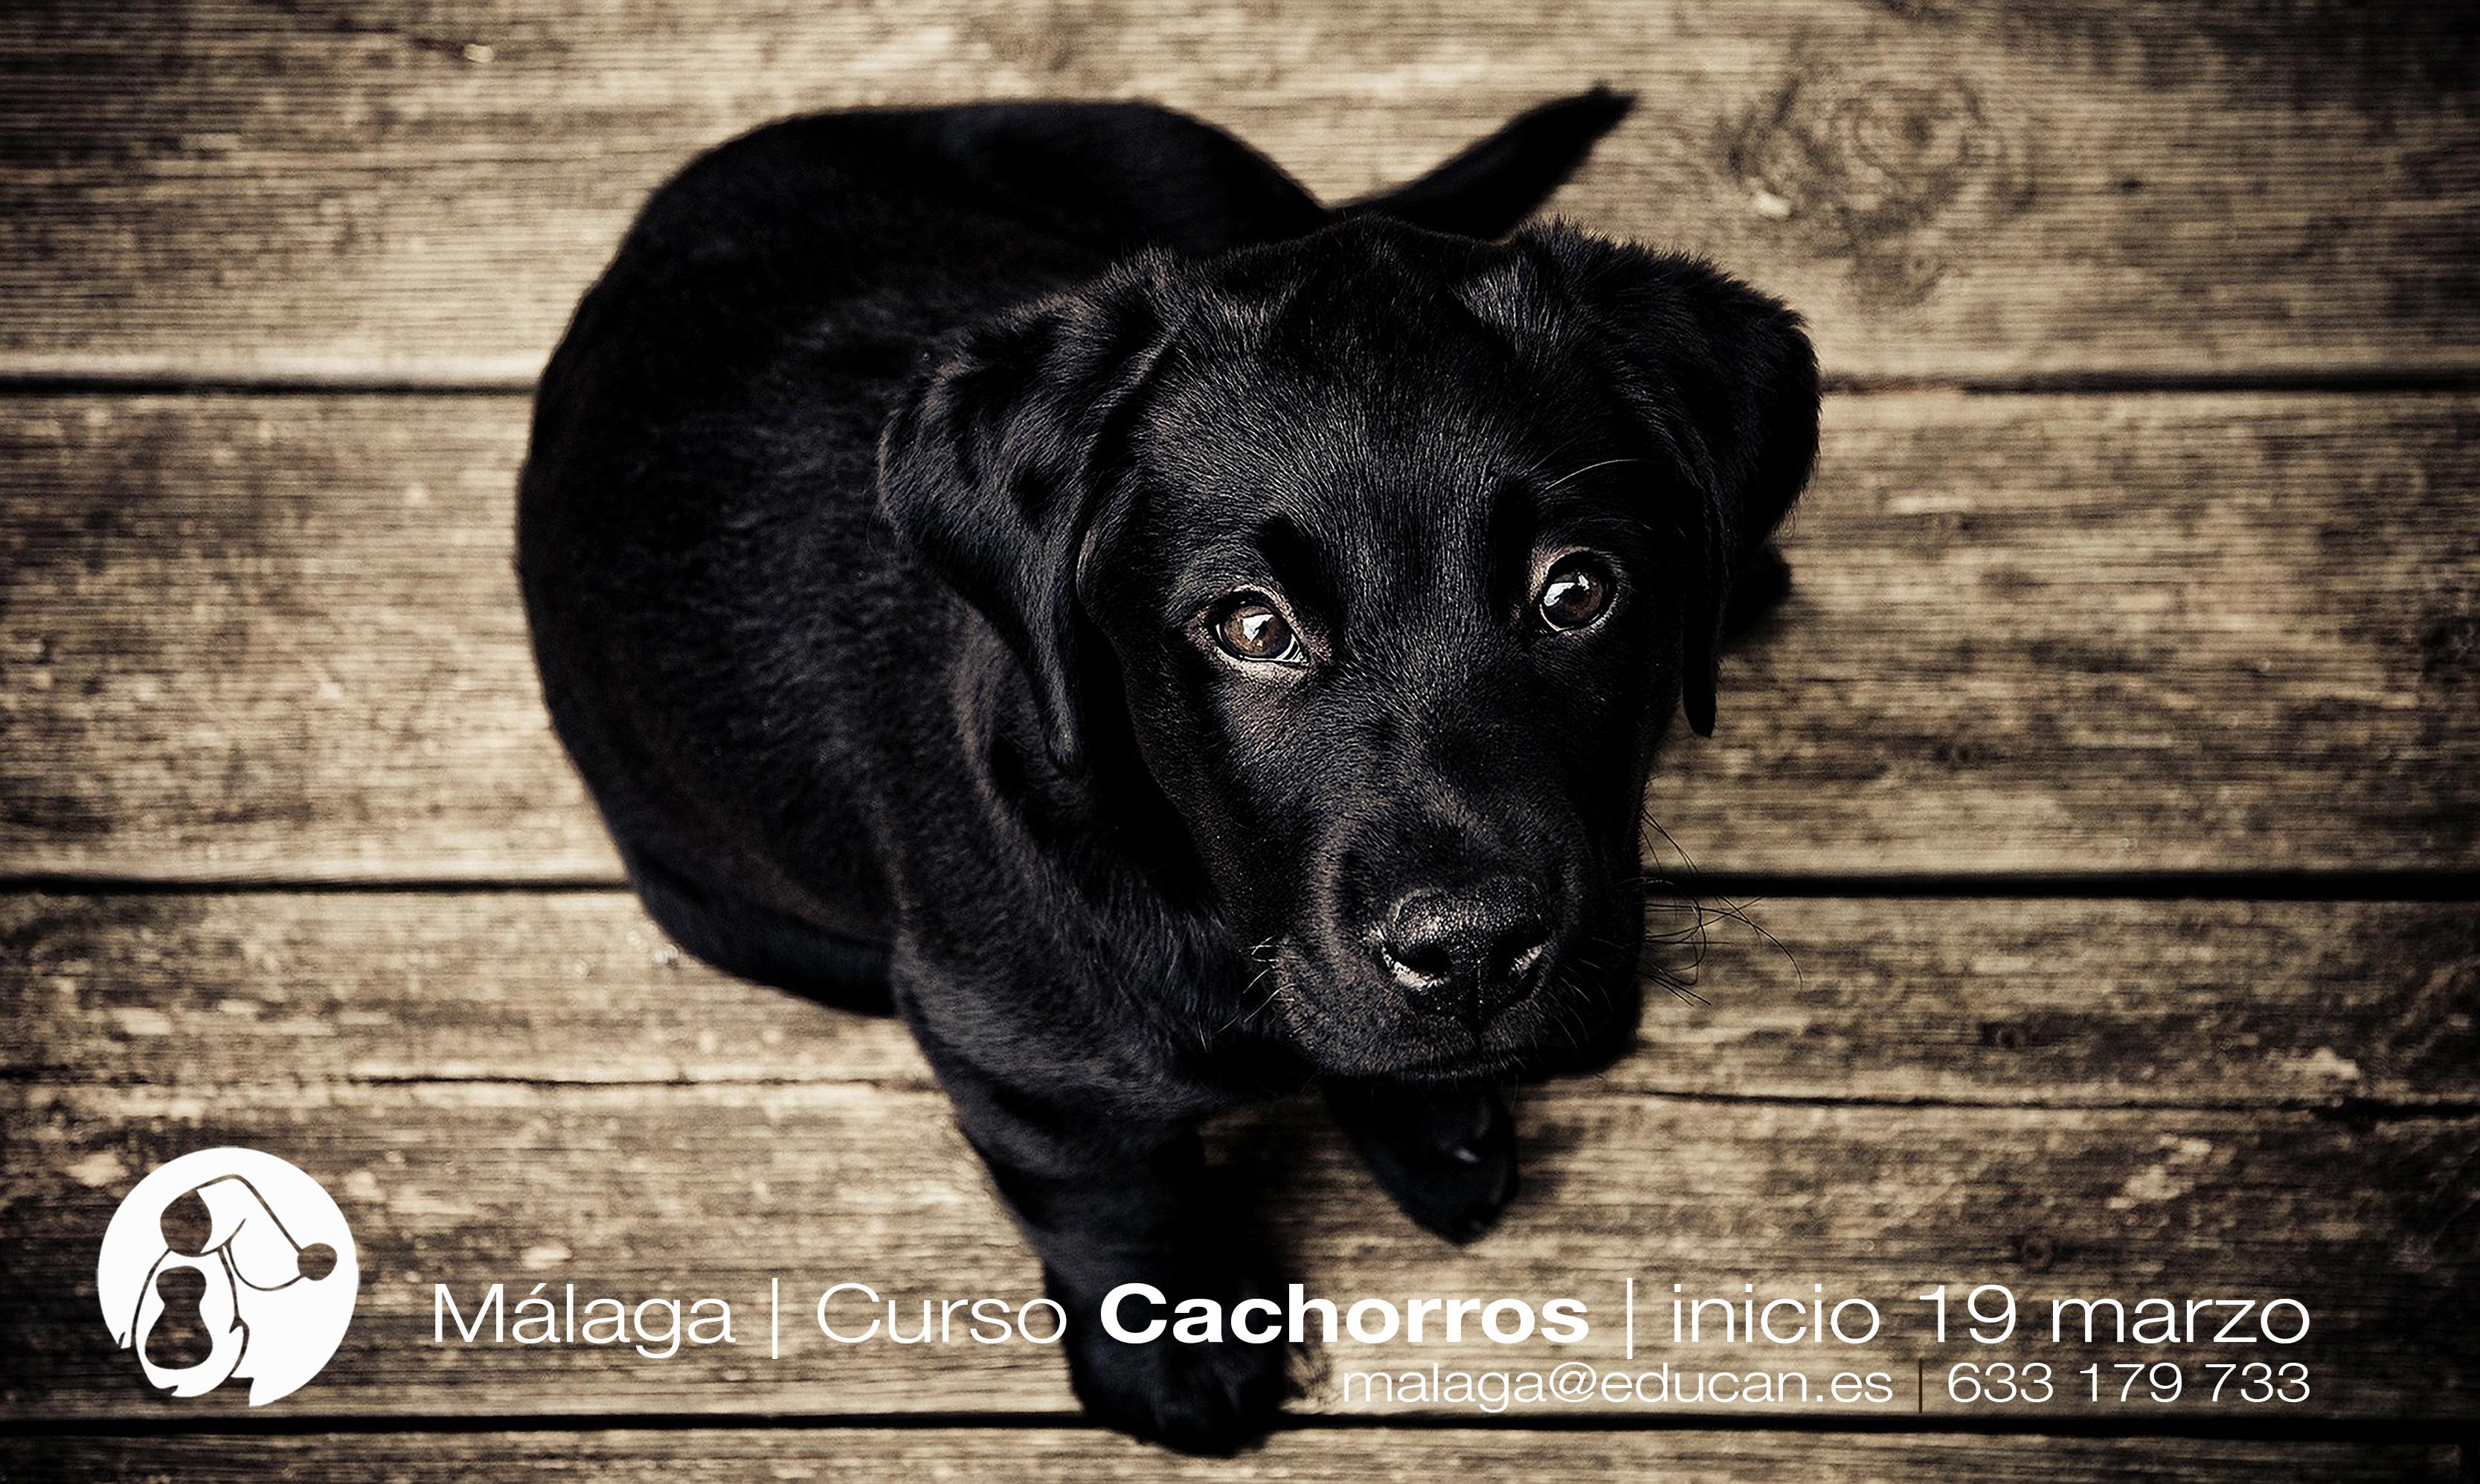 Cachorros: sentimientos encontrados, ilusión y vértigo